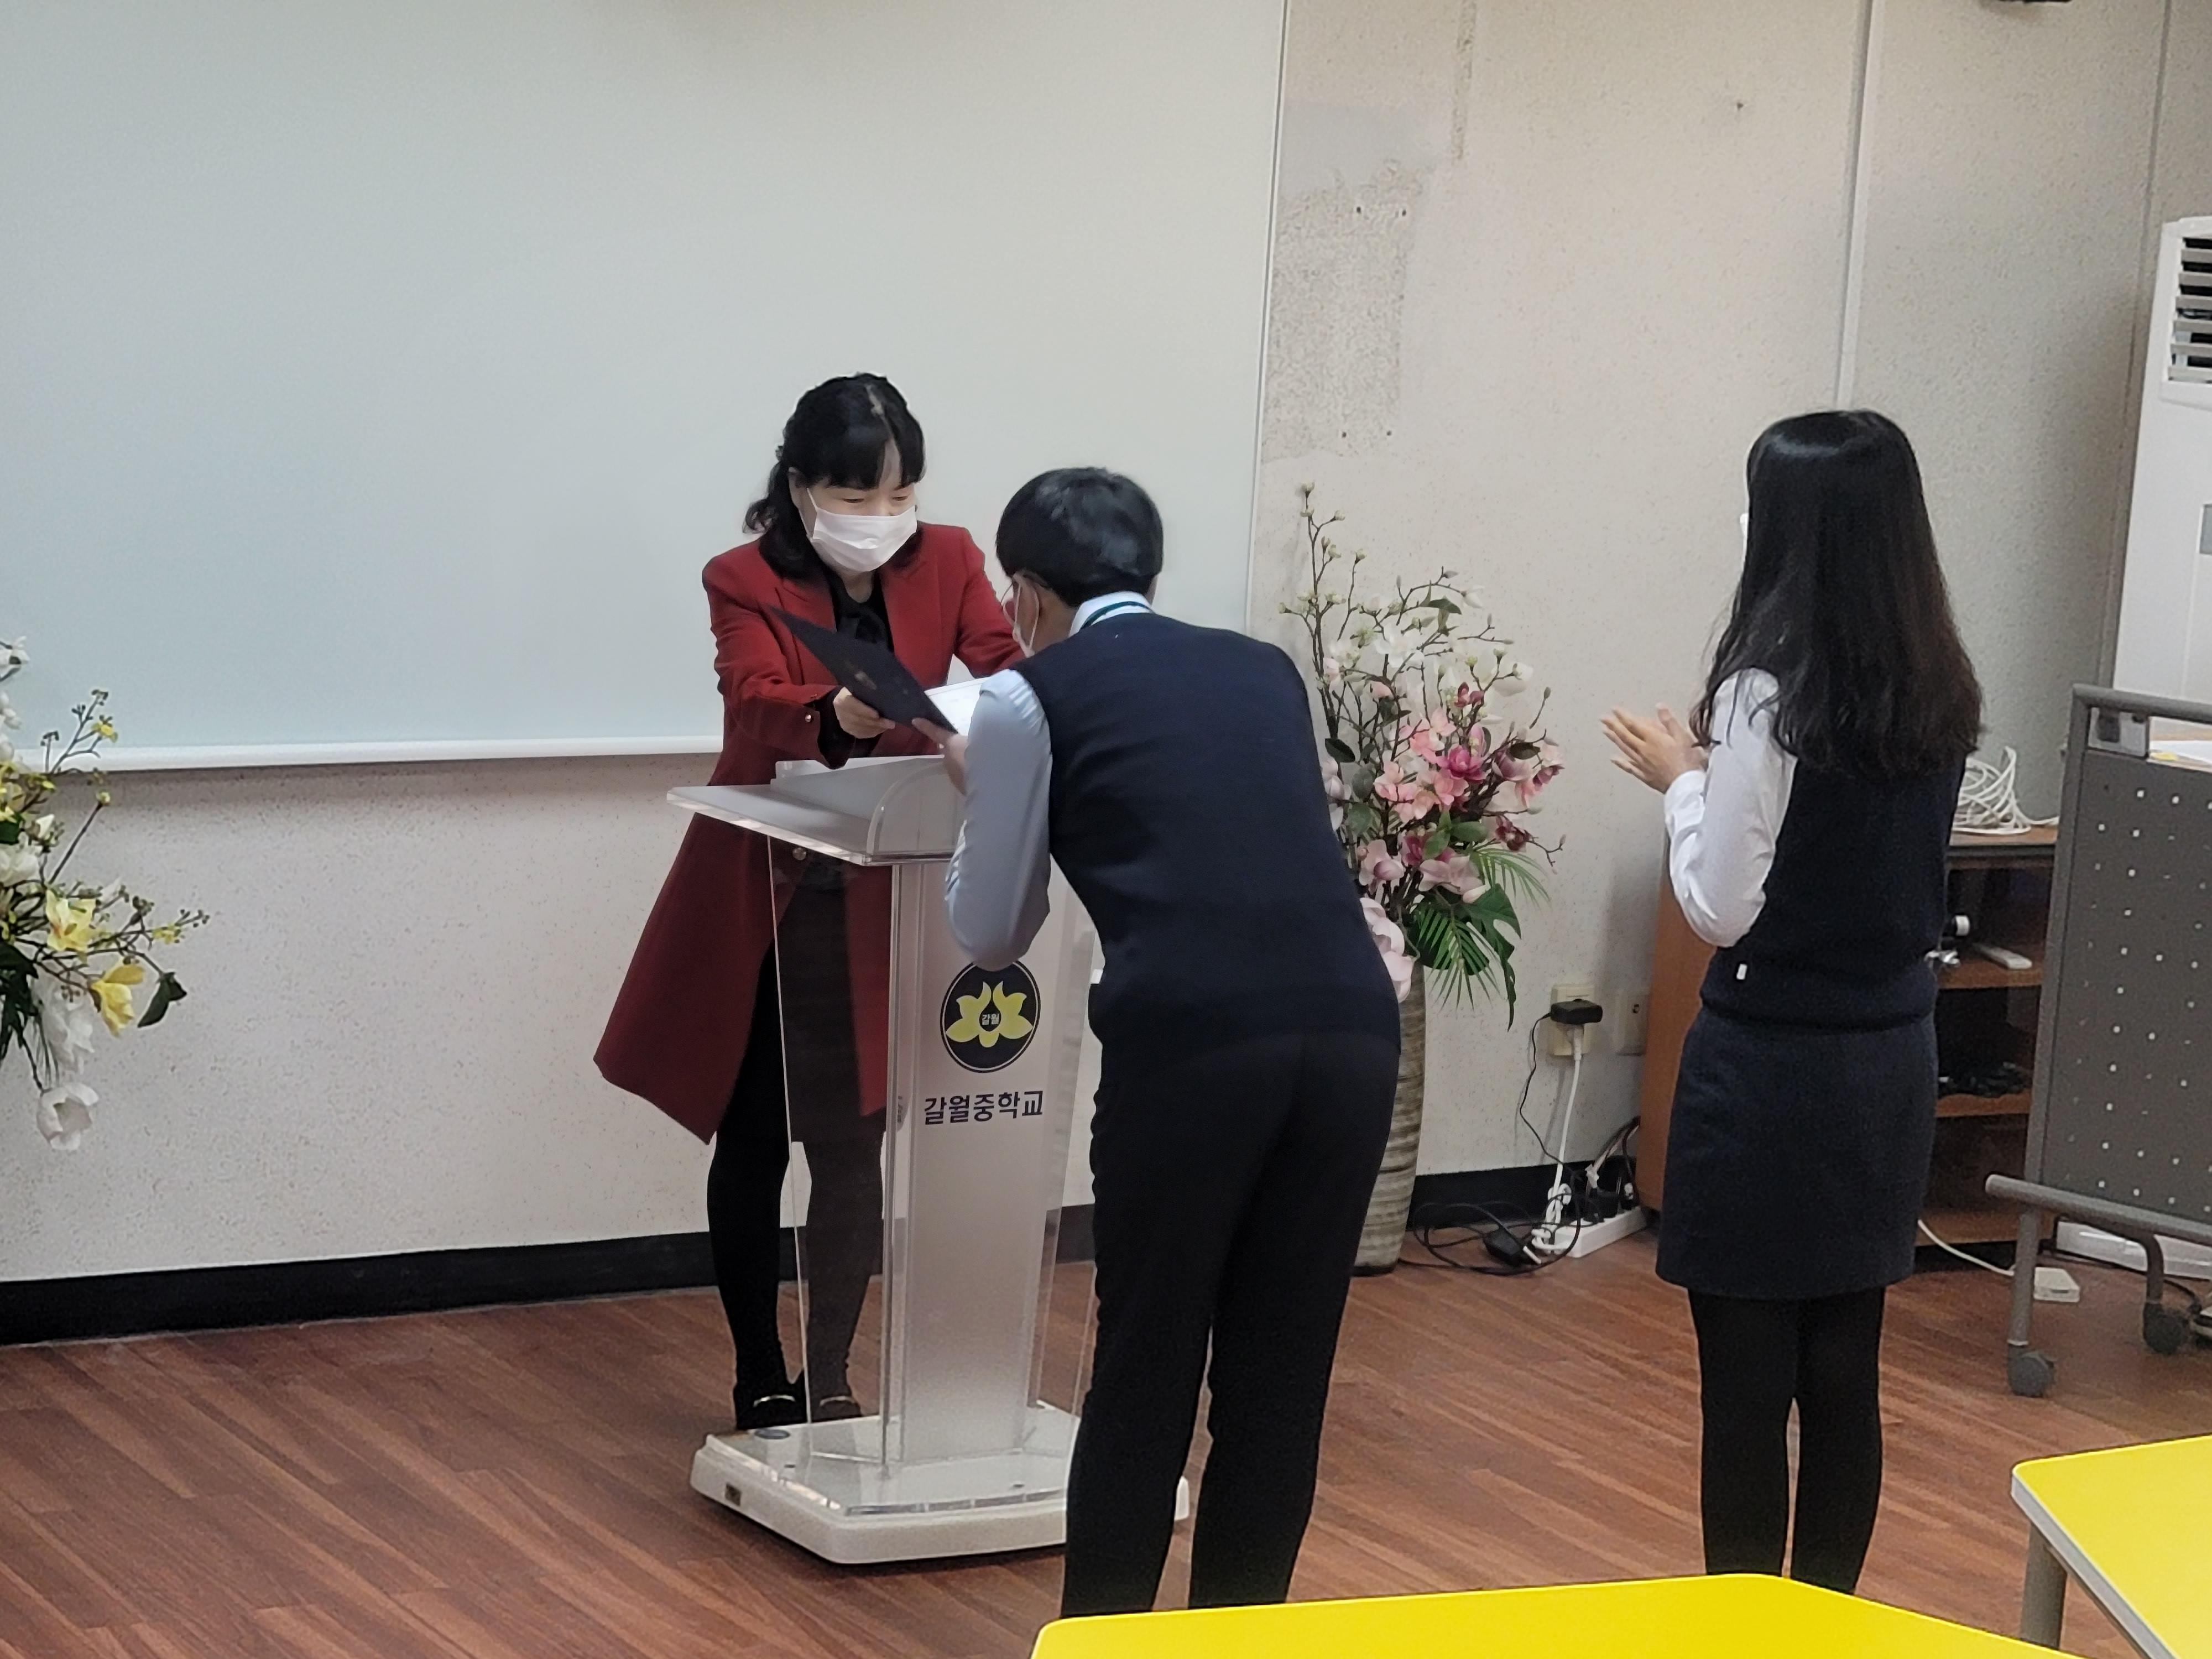 [일반] 2021년 학생자치회장 및 부회장, 학급임원 당선증 수여식의 첨부이미지 4